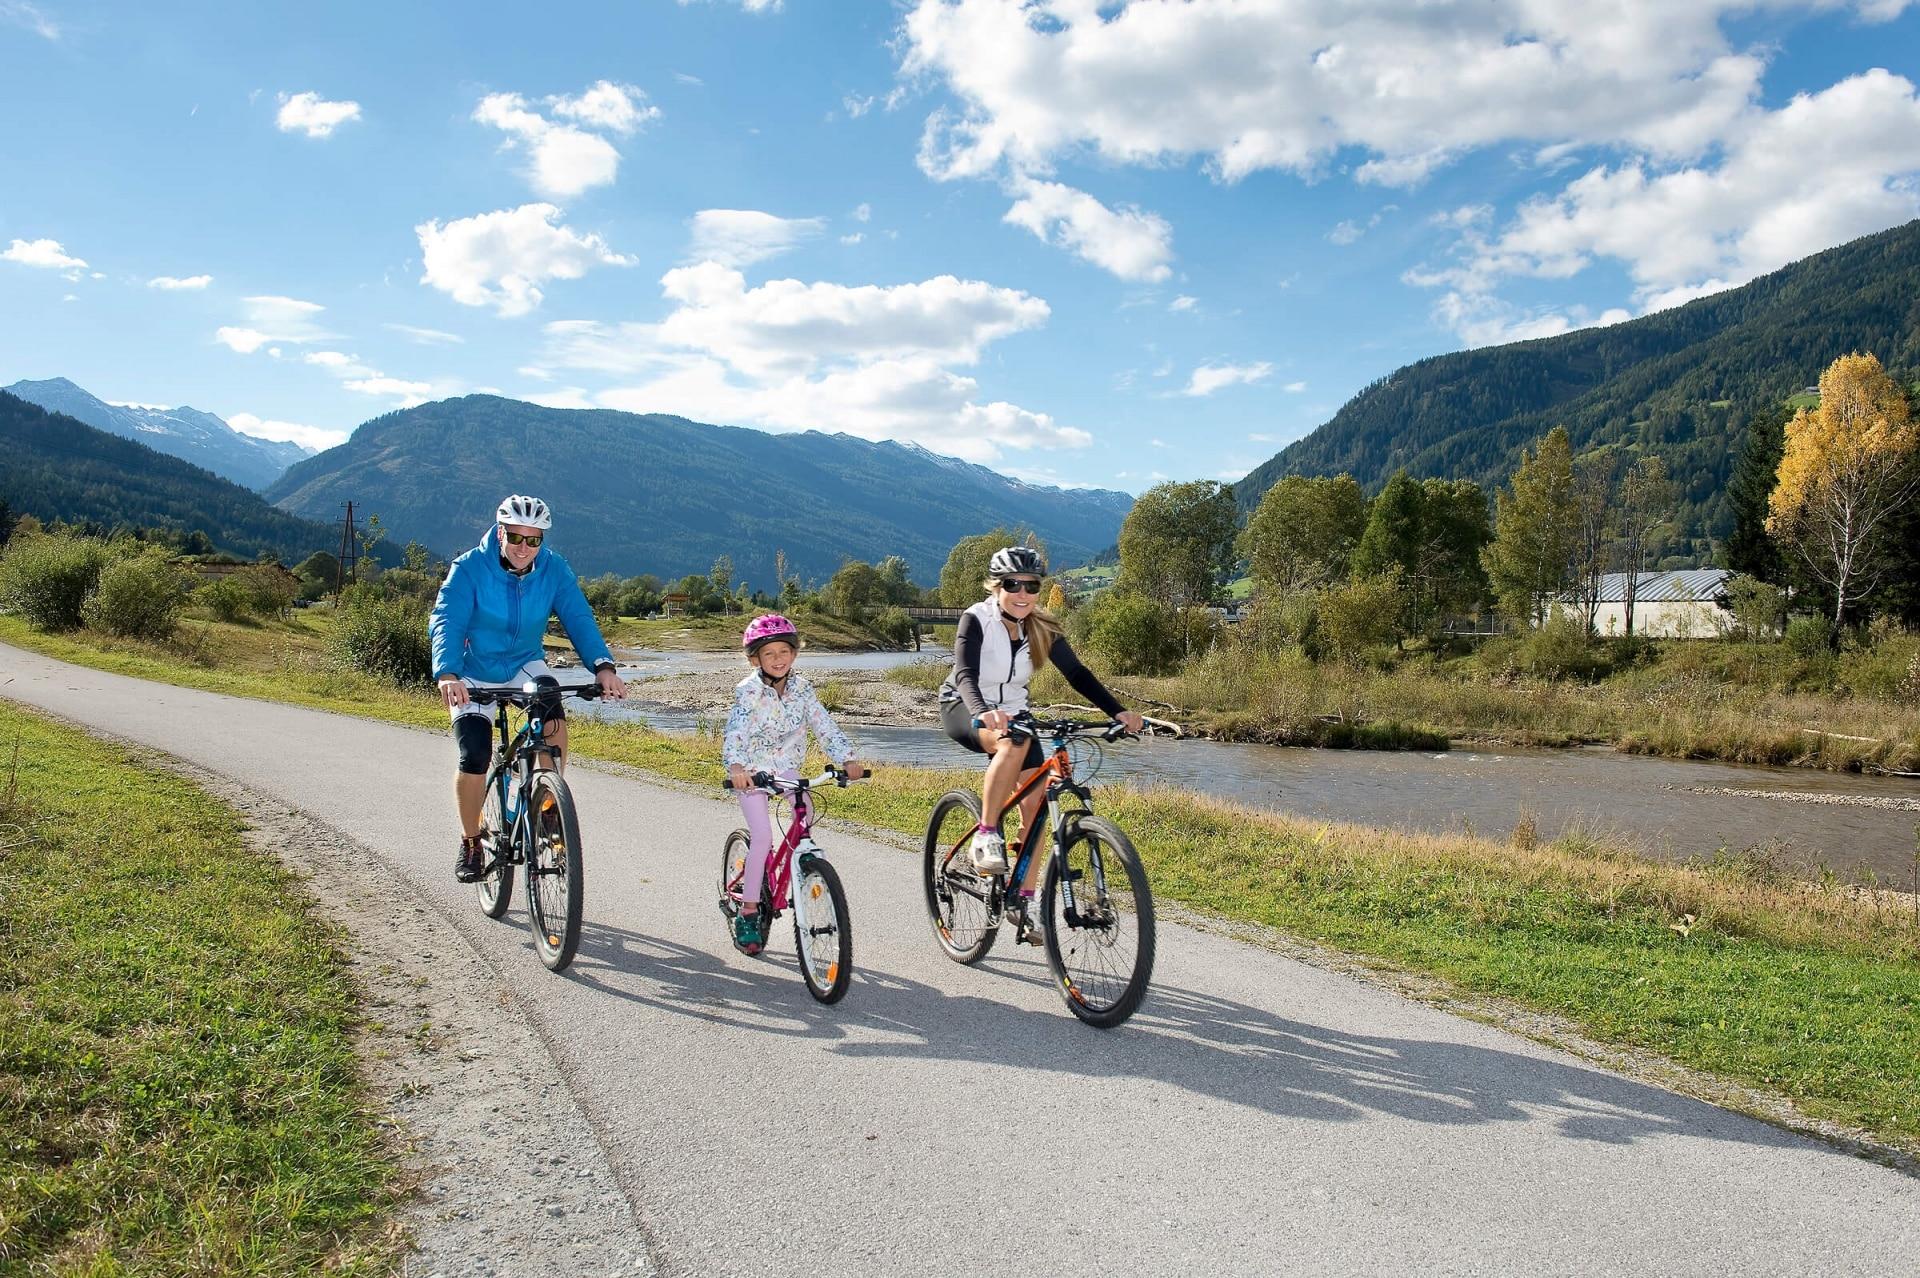 Genuss Radfahren am Murradweg © GAS - Rupert Mühlbacher